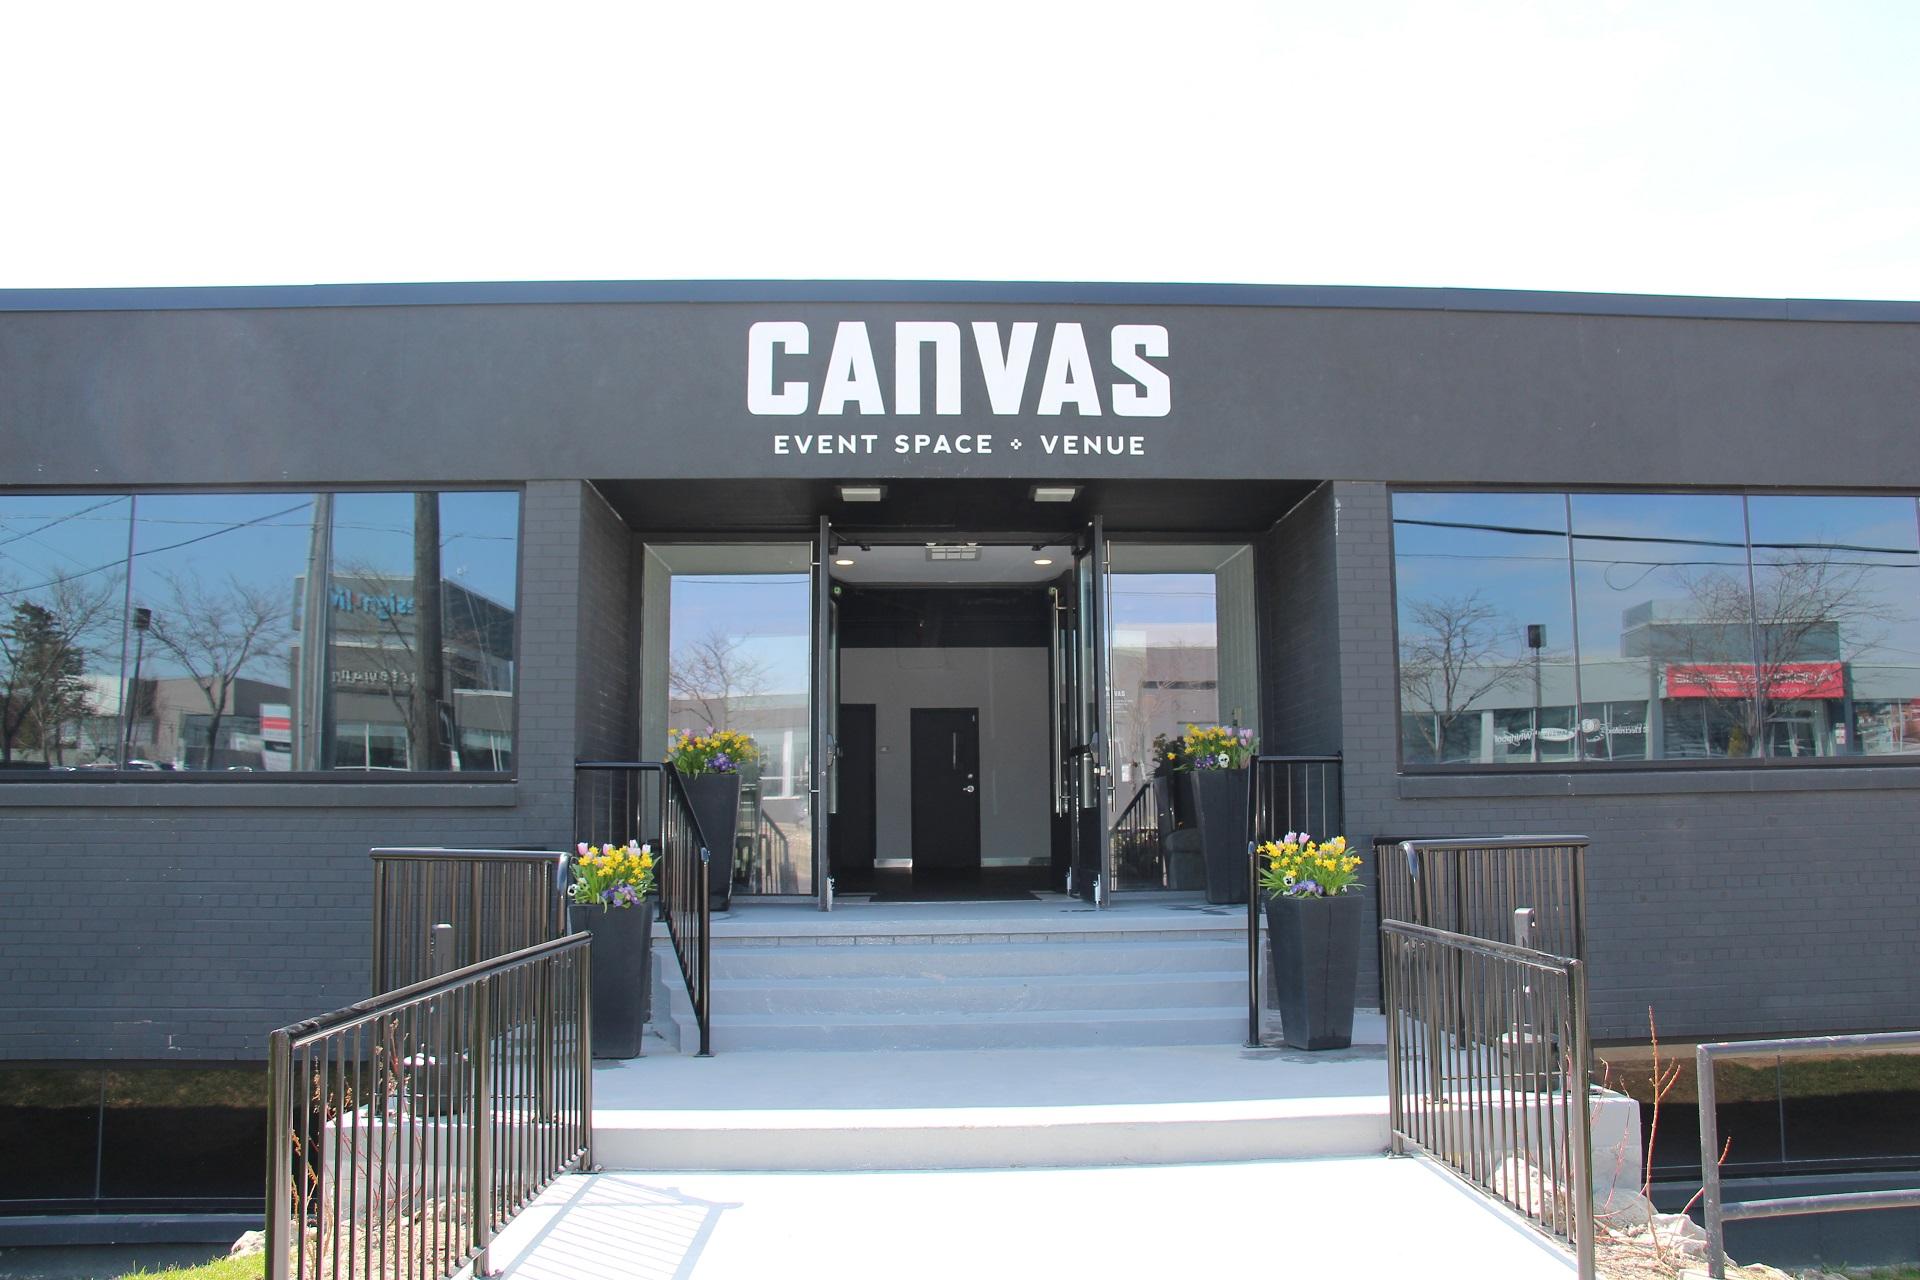 Canvas Venue, exterior view of front entrance.